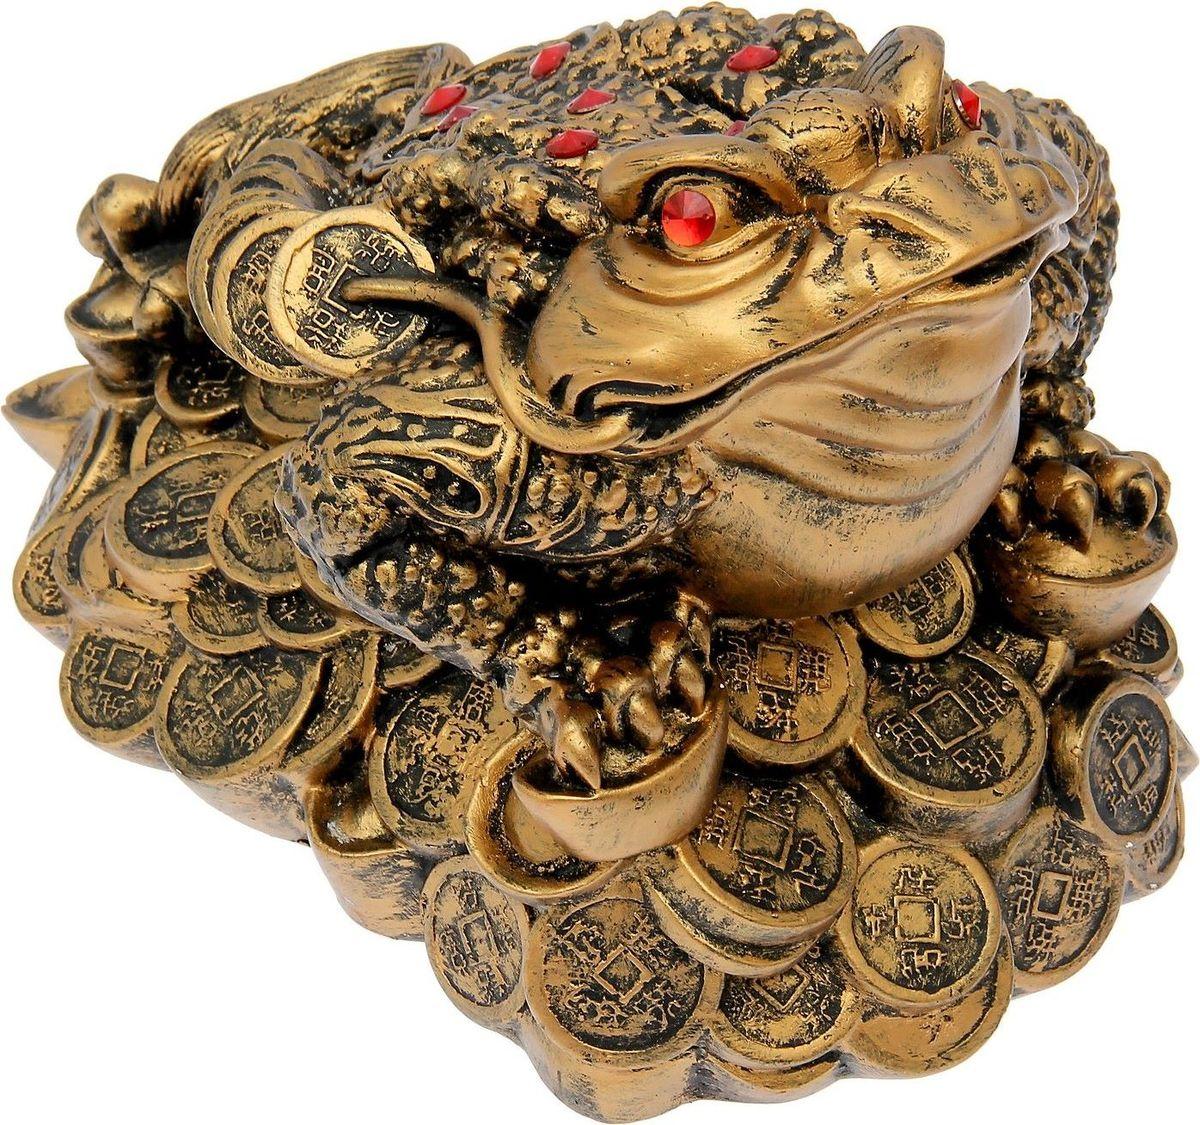 Копилка Premium Gips Денежная жаба, 33 х 23 х 25 см1549705Хотите накопить на свою заветную мечту? С помощью данного изделия вы сможете сделать это без удара по бюджету! Трёхлапая жаба с монеткой во рту является очень сильным денежным талисманом, который приносит богатство, финансовую удачу и процветание. Иногда это животное используют как символ долголетия, потому что некоторые их виды живут до 40 лет. Согласно фэн-шуй копилки с деньгами целесообразно хранить в западной или северо-западной частях помещения. Обращаем ваше внимание, что копилка является одноразовой.